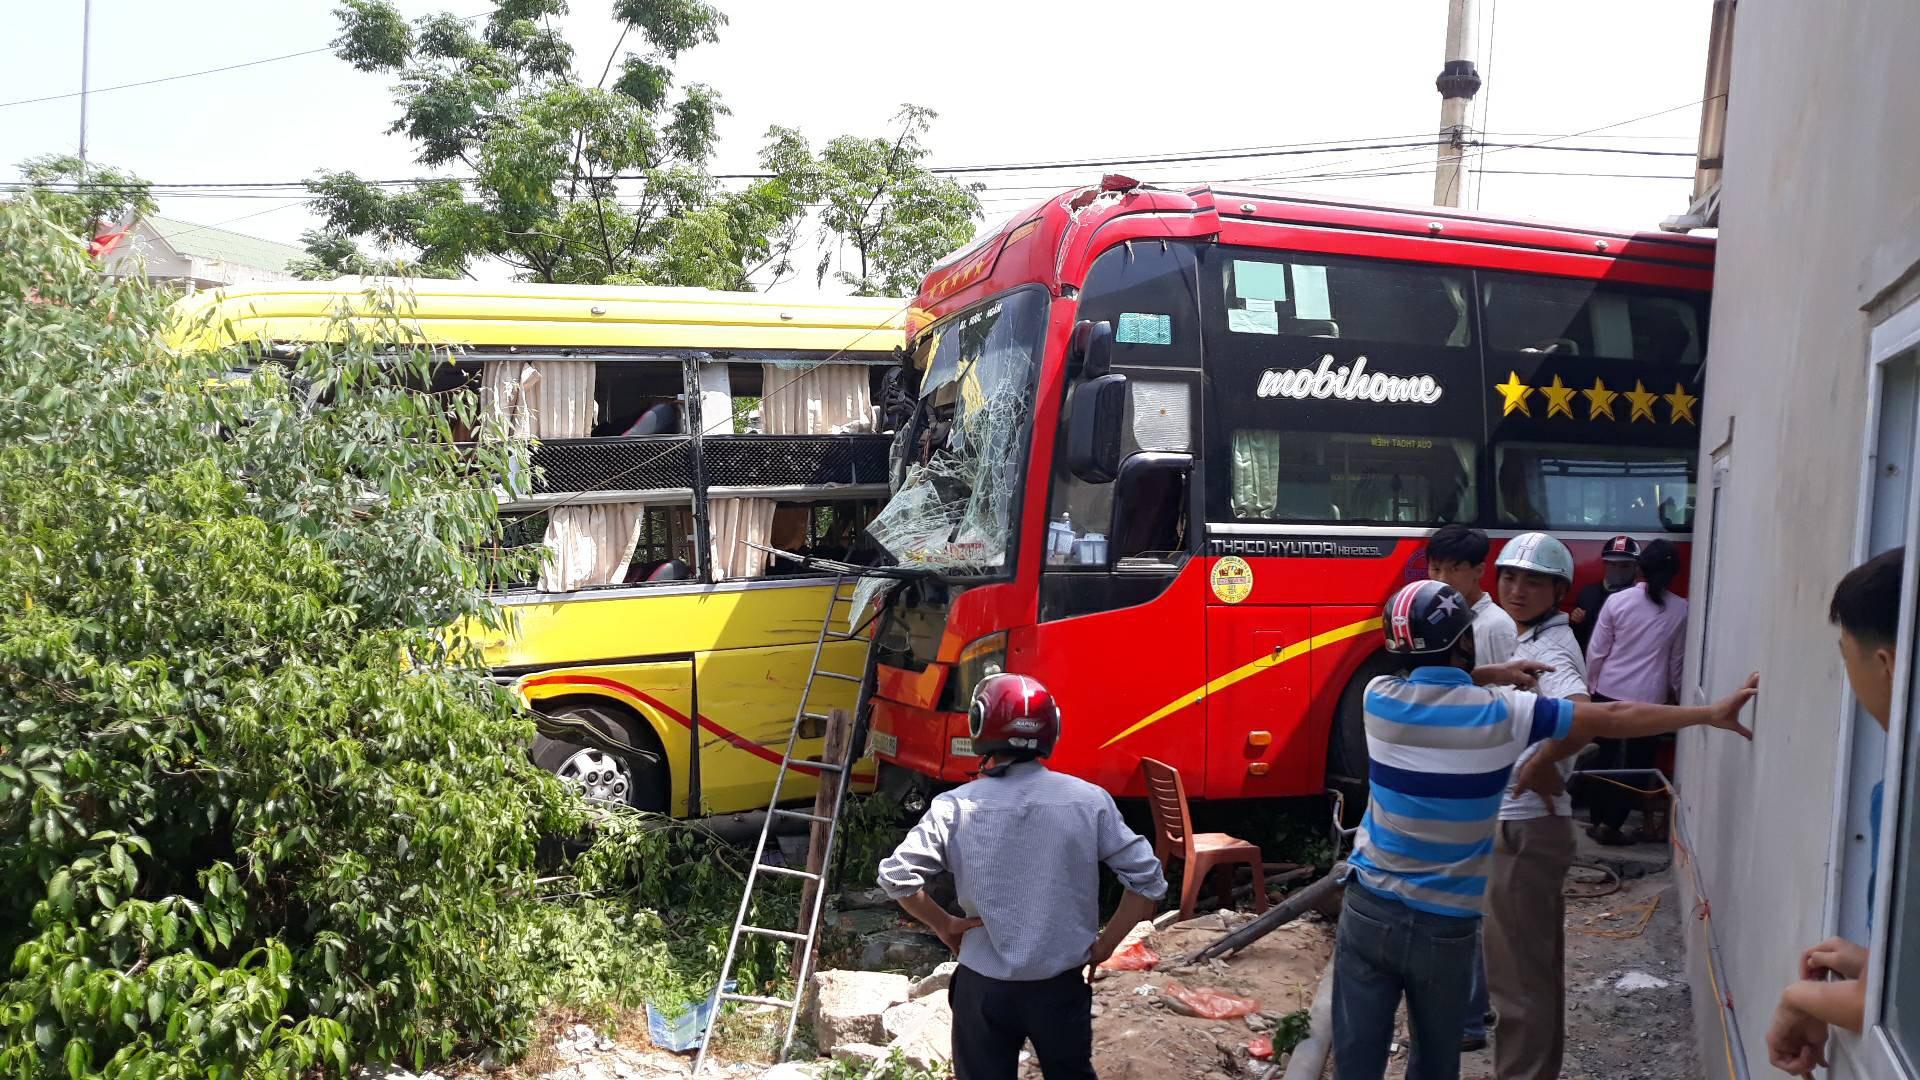 Hai xe khách tông nhau khi rẽ nghỉ chân vào quán cơm bên đường, 40 hành khách la hét hoảng loạn - Ảnh 1.